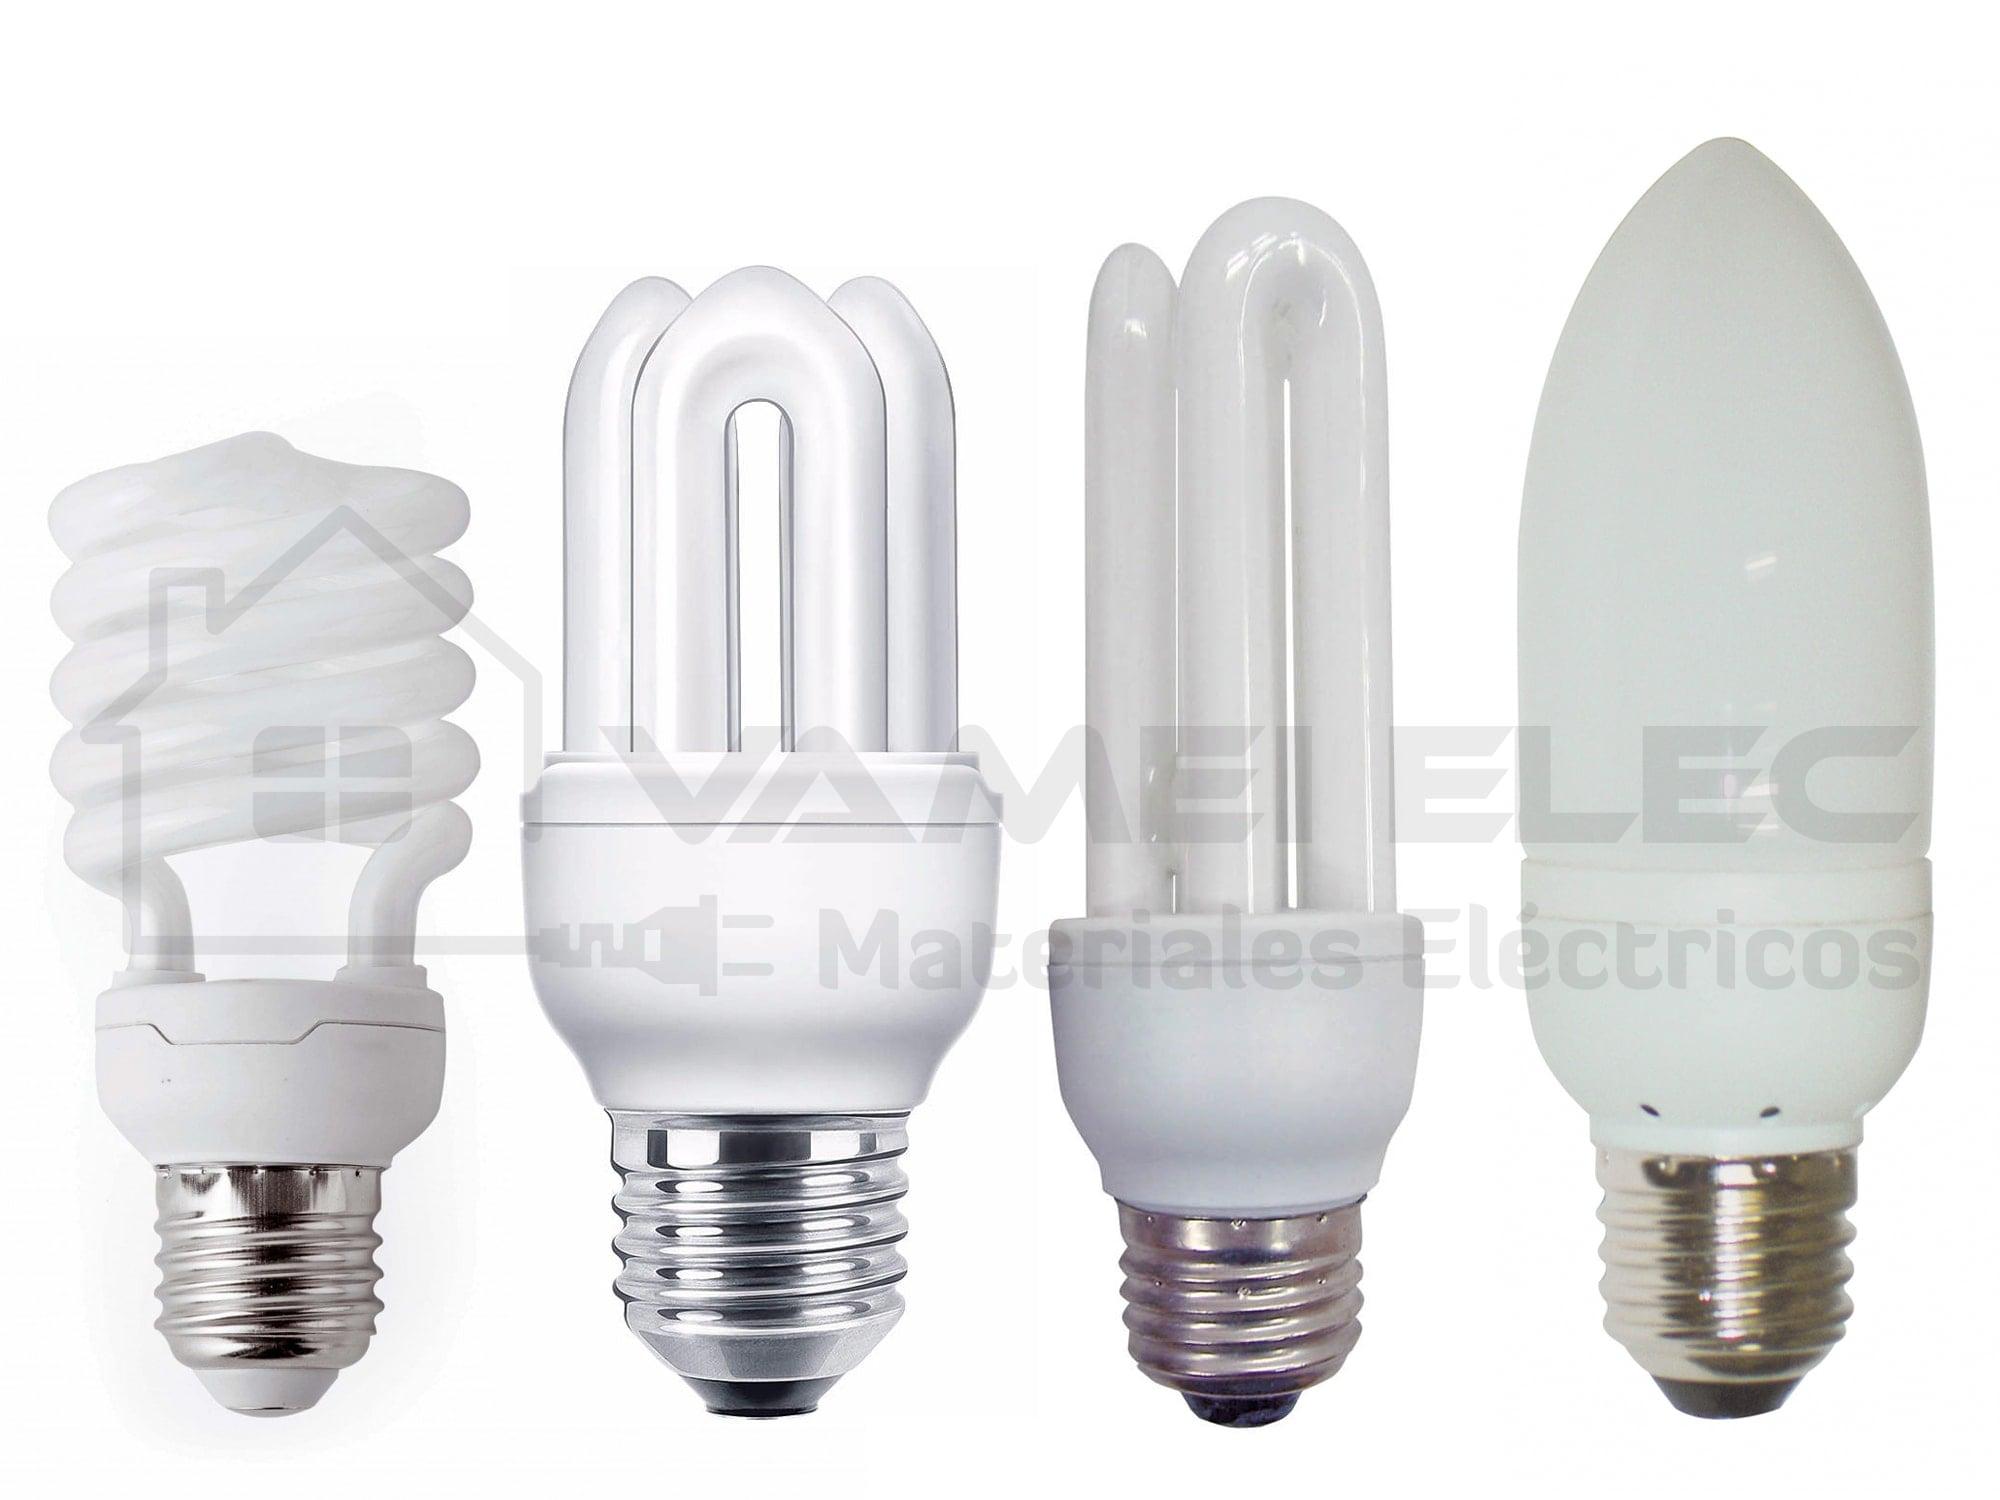 VAMEI Elec - Lámparas - Bajo Consumo